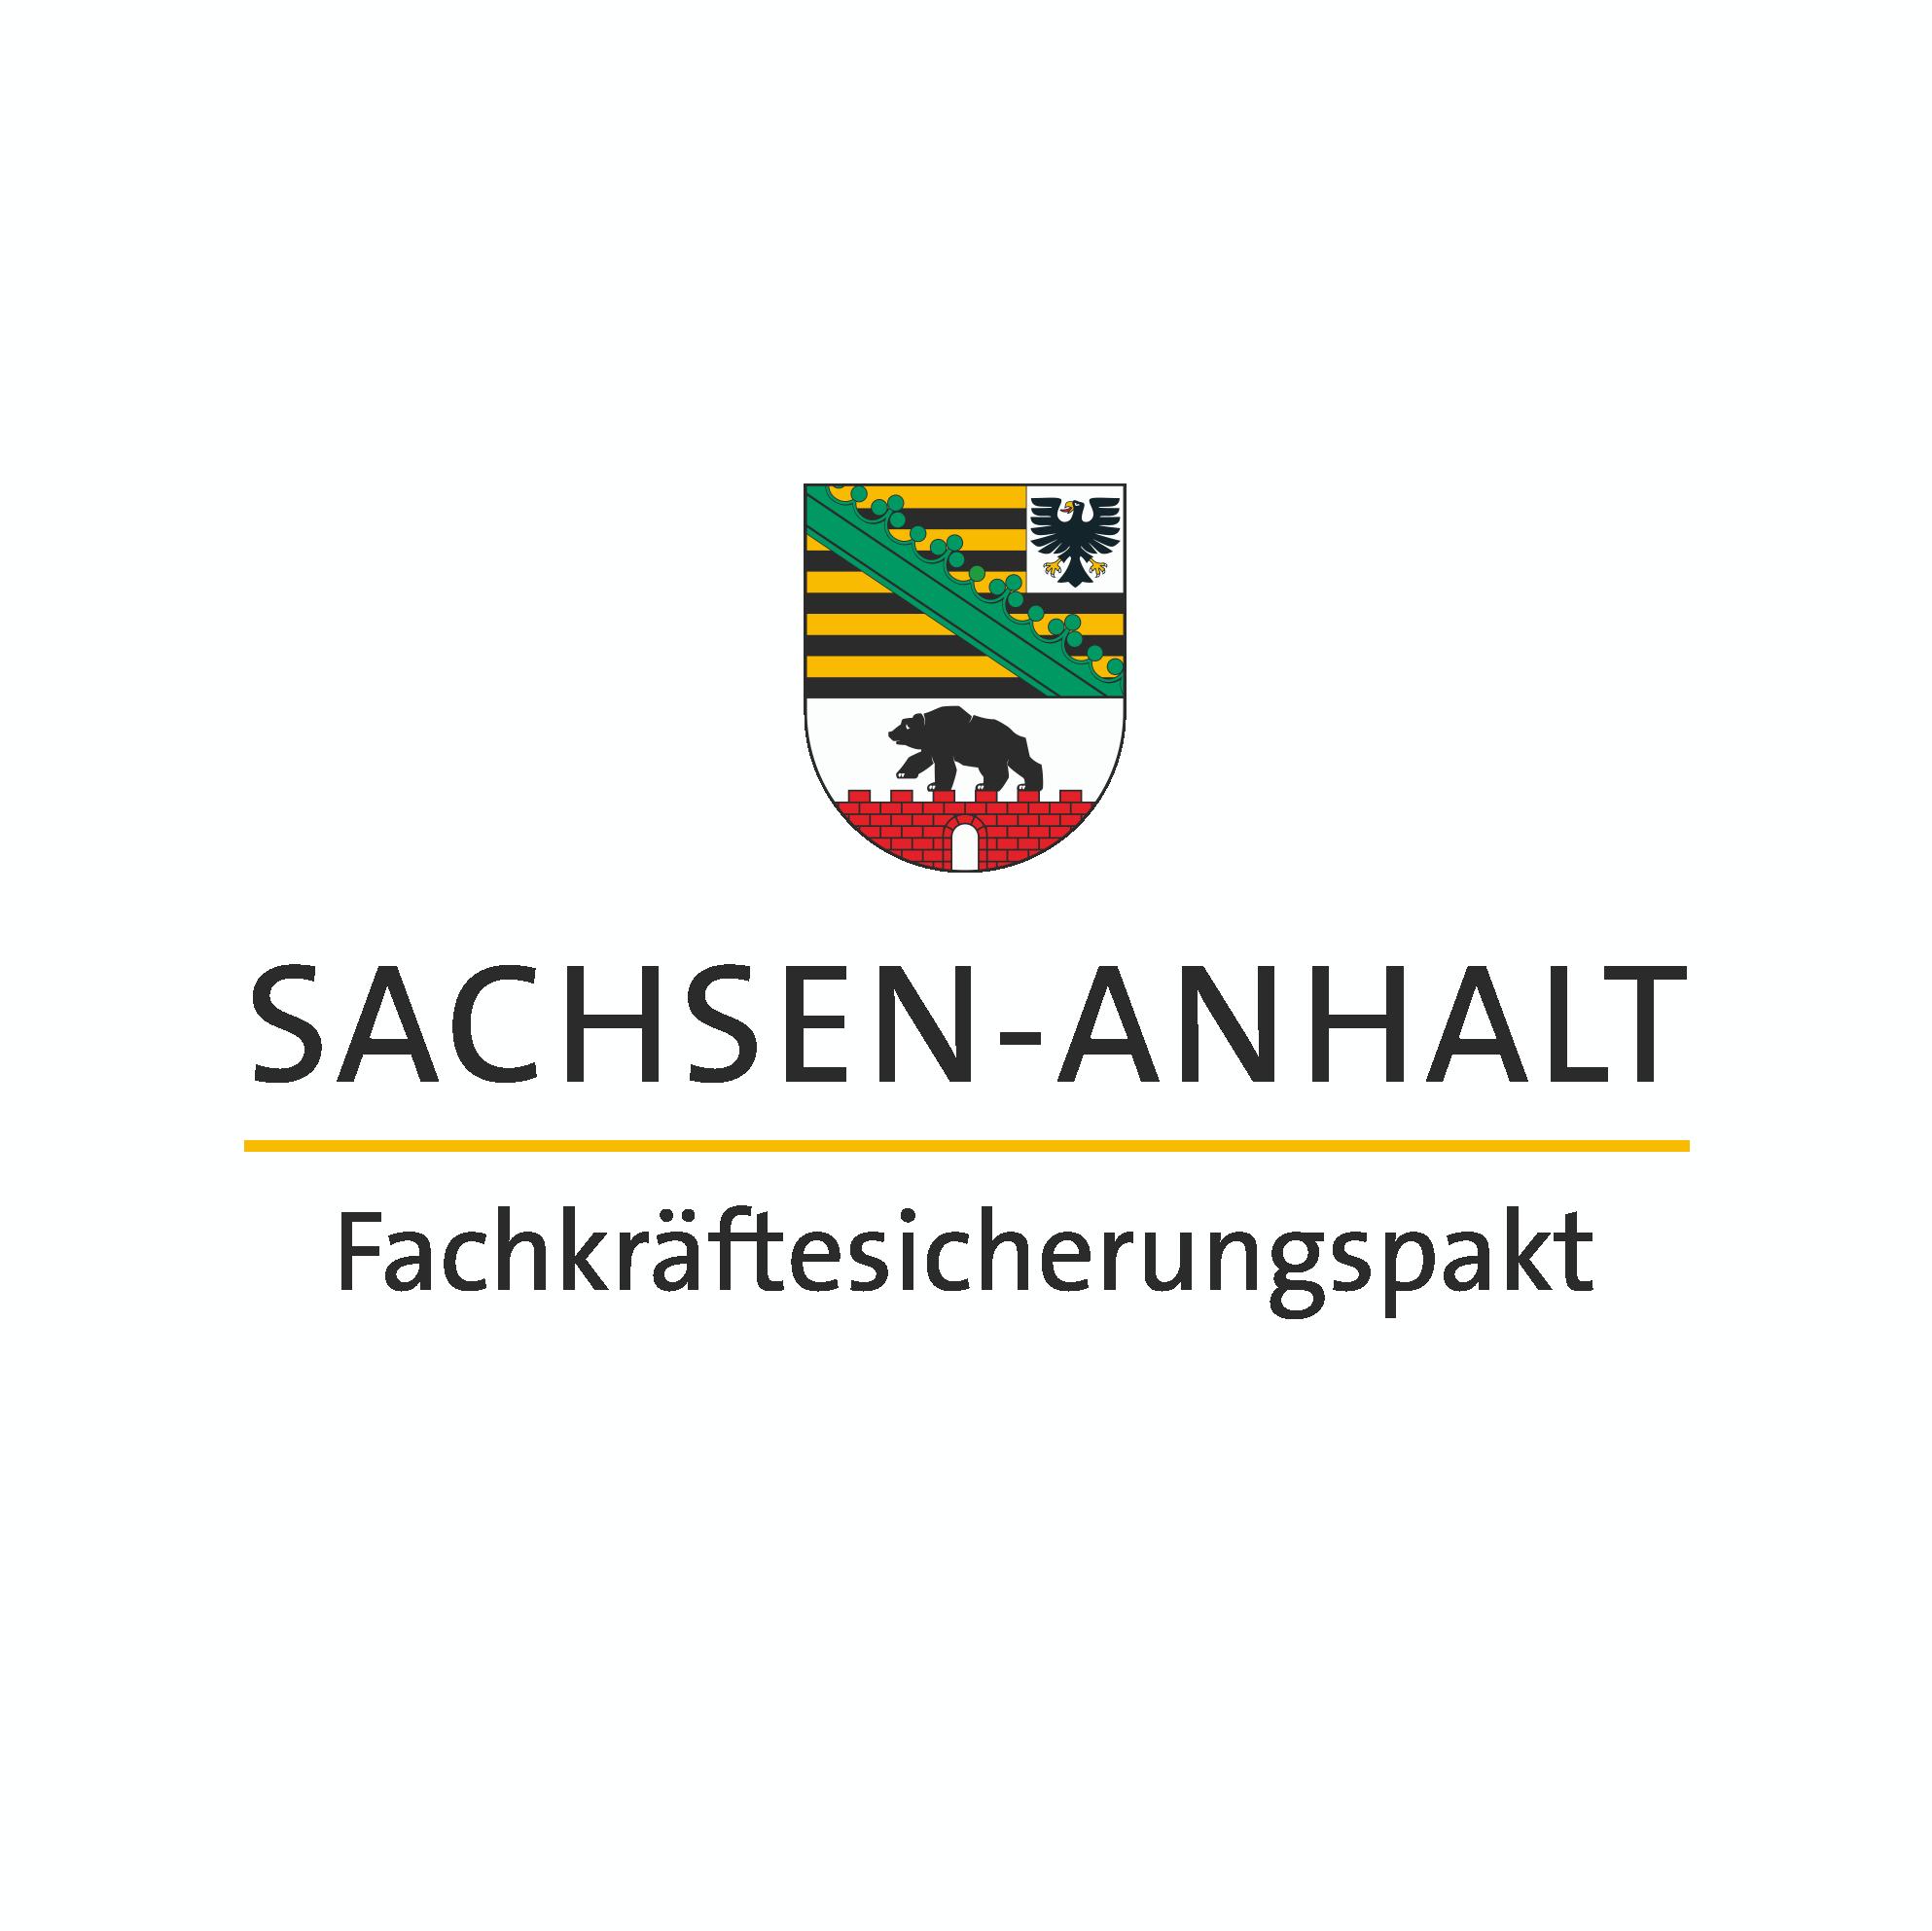 Sachsen-Anhalt-Logo mit Schriftzug Fachkräftesicherungspakt